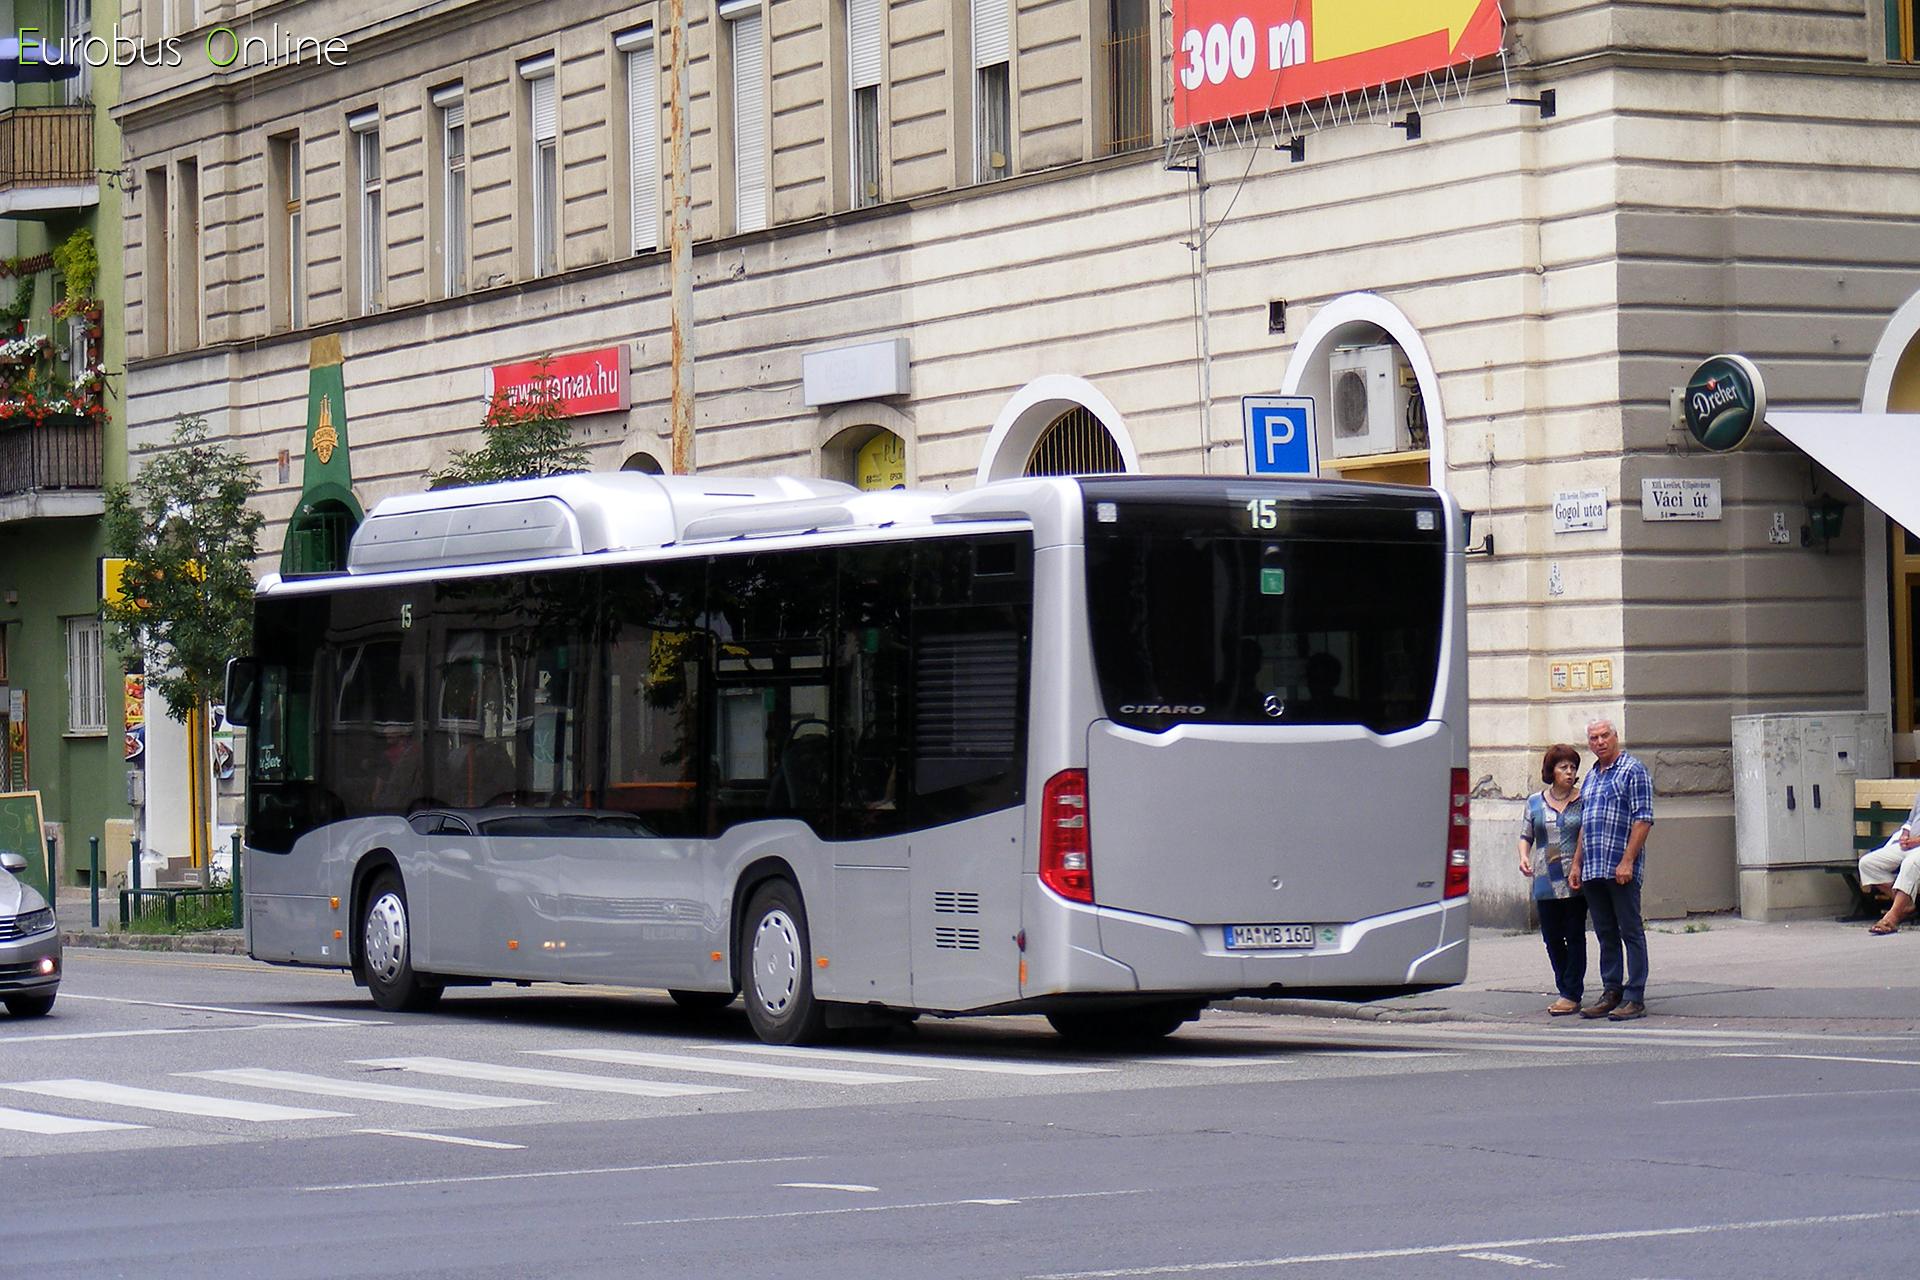 Irány vissza a Pannónia utcába a Gogol utcán át.